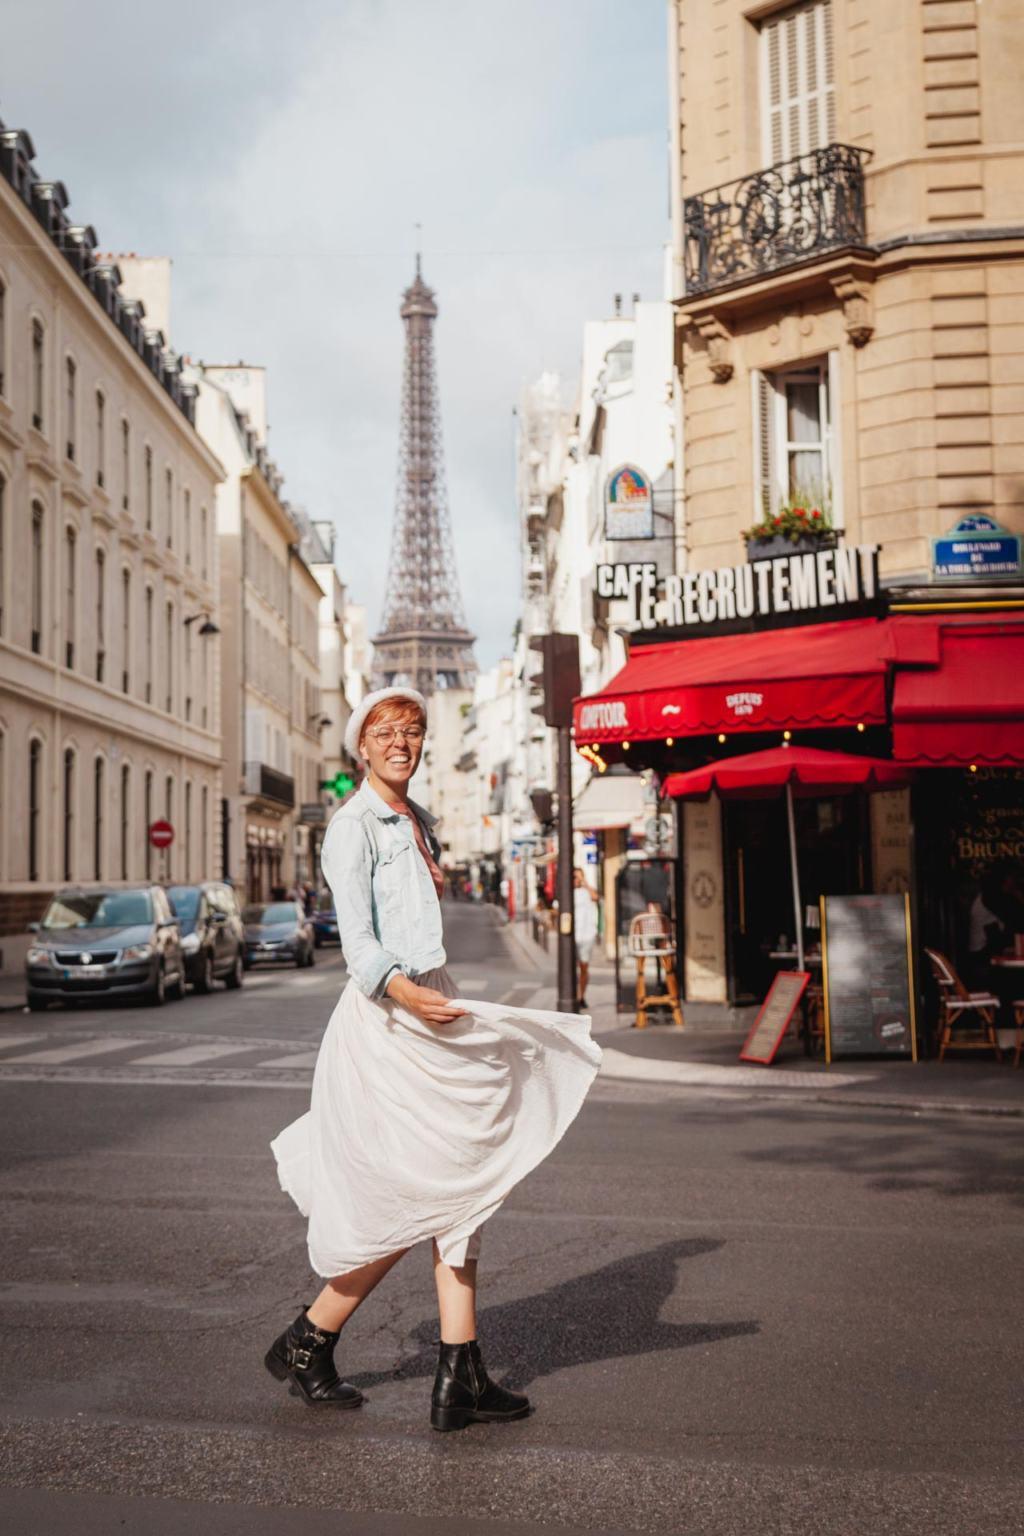 Best View of the Eiffel Tower, Le Recrutement Café, Rue Saint-Dominique, Boulevard de la Tour-Maubourg, Paris